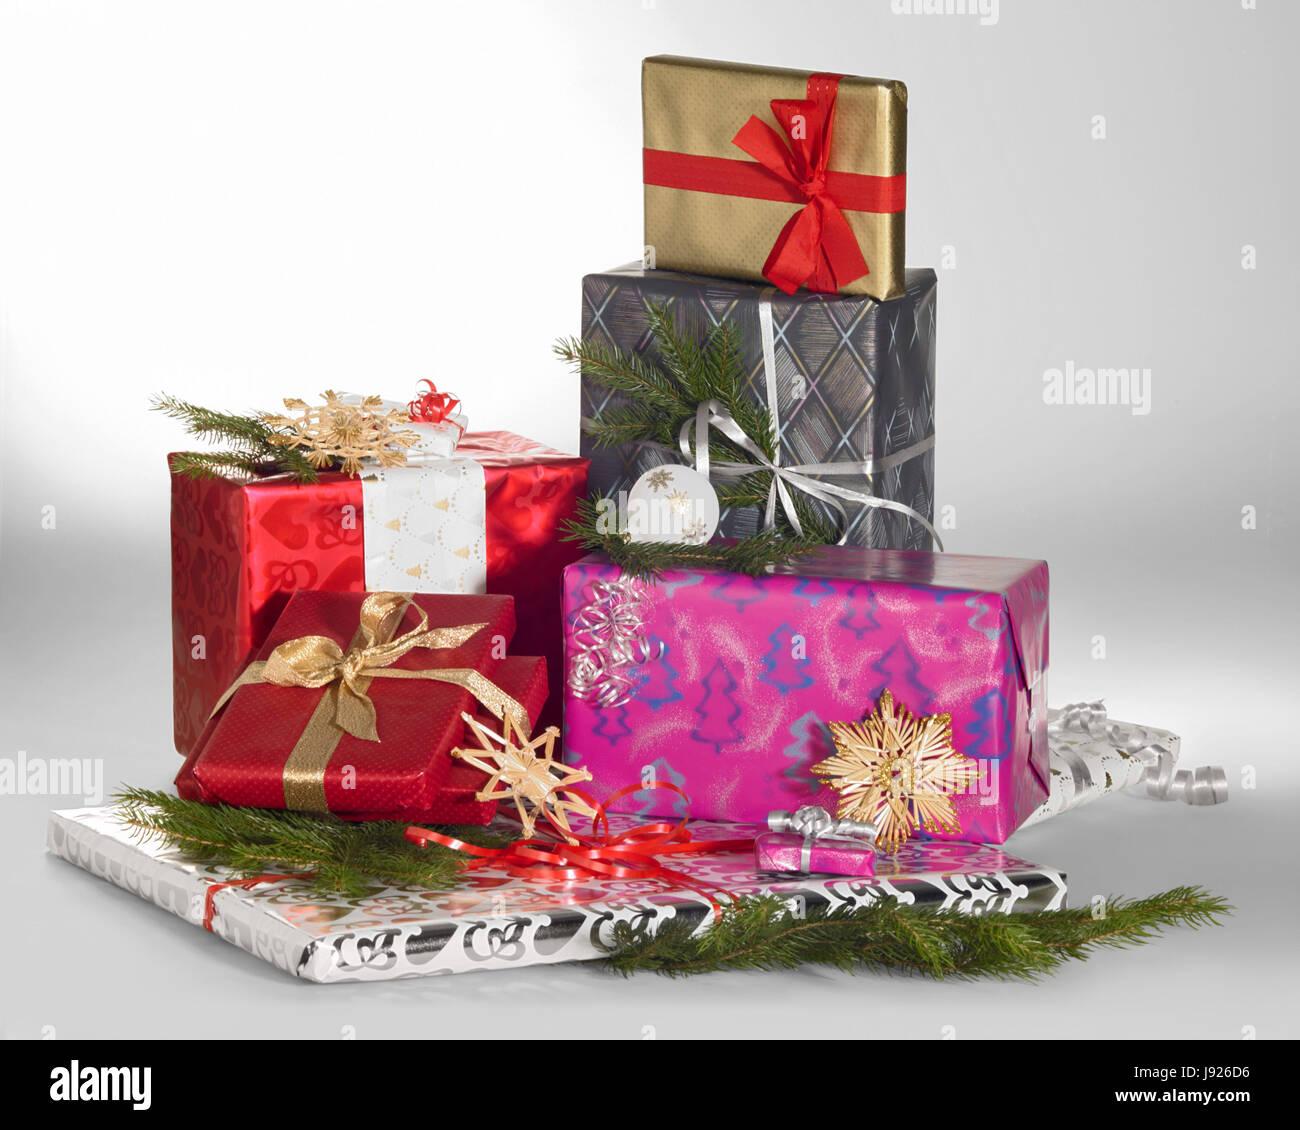 Donating Christmas Gifts: Gift, Donate, Christmas Box, Christmas, Xmas, X-mas